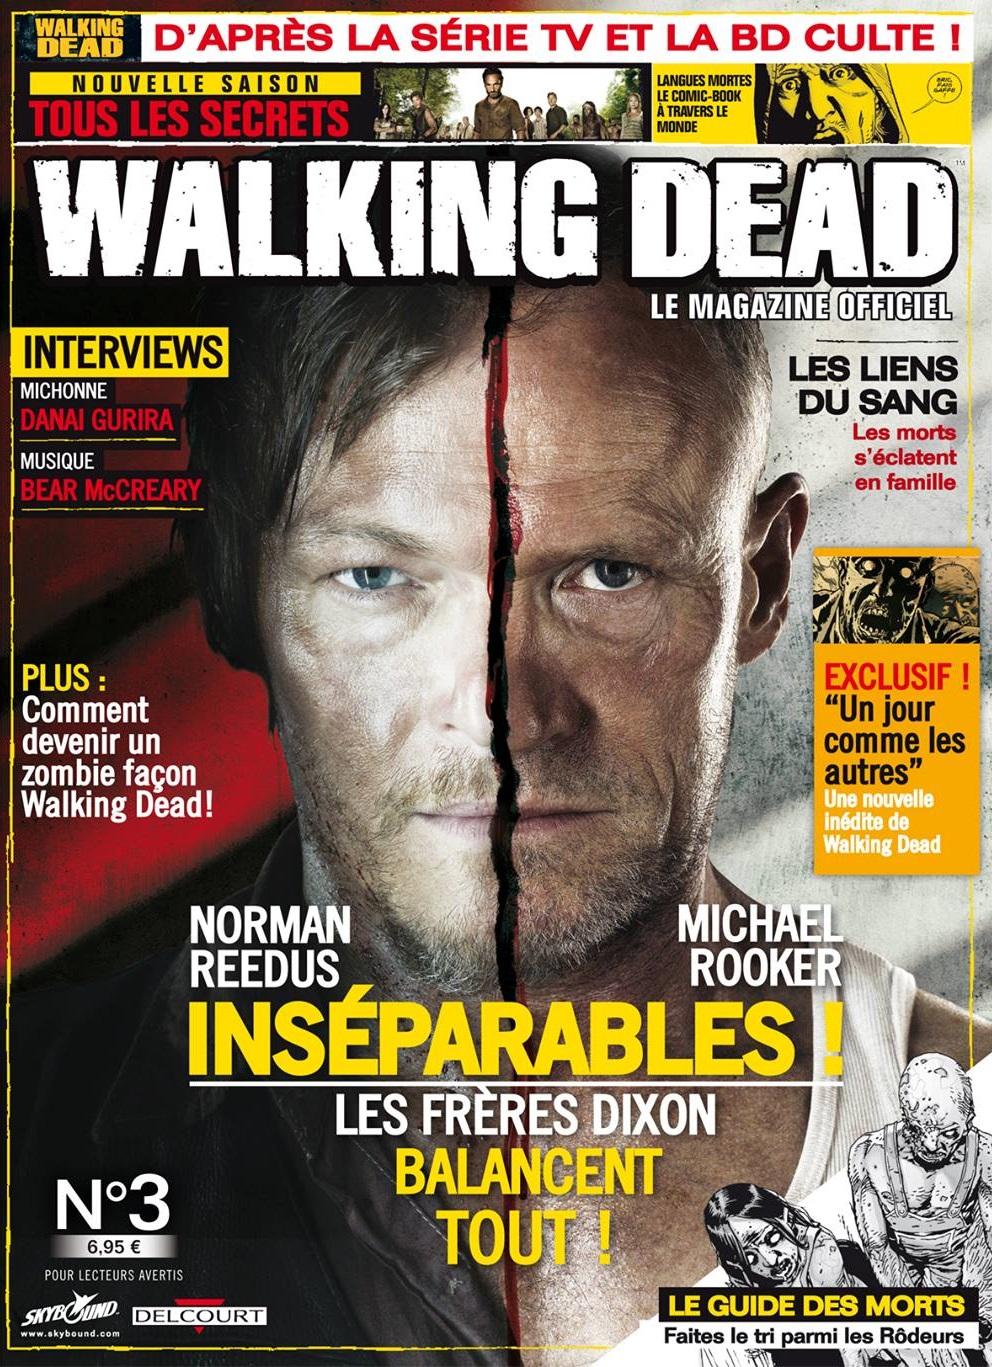 WALKING DEAD – LE MAGAZINE OFFICIEL #3A